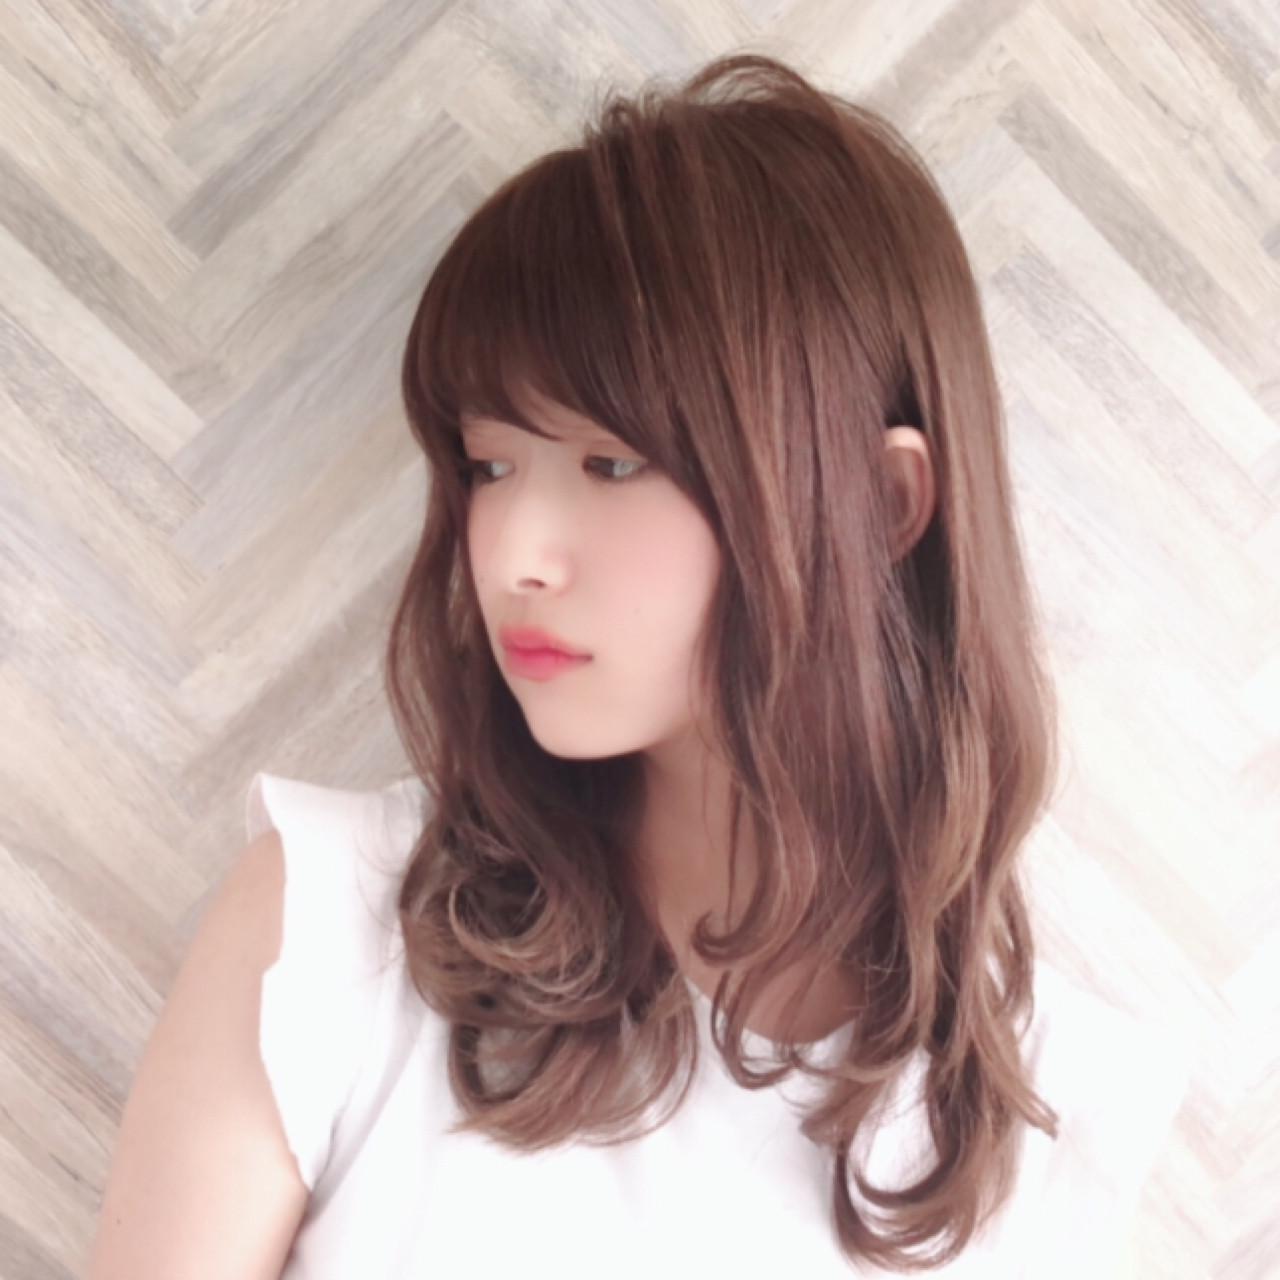 大人かわいい フェミニン ロング パーマ ヘアスタイルや髪型の写真・画像